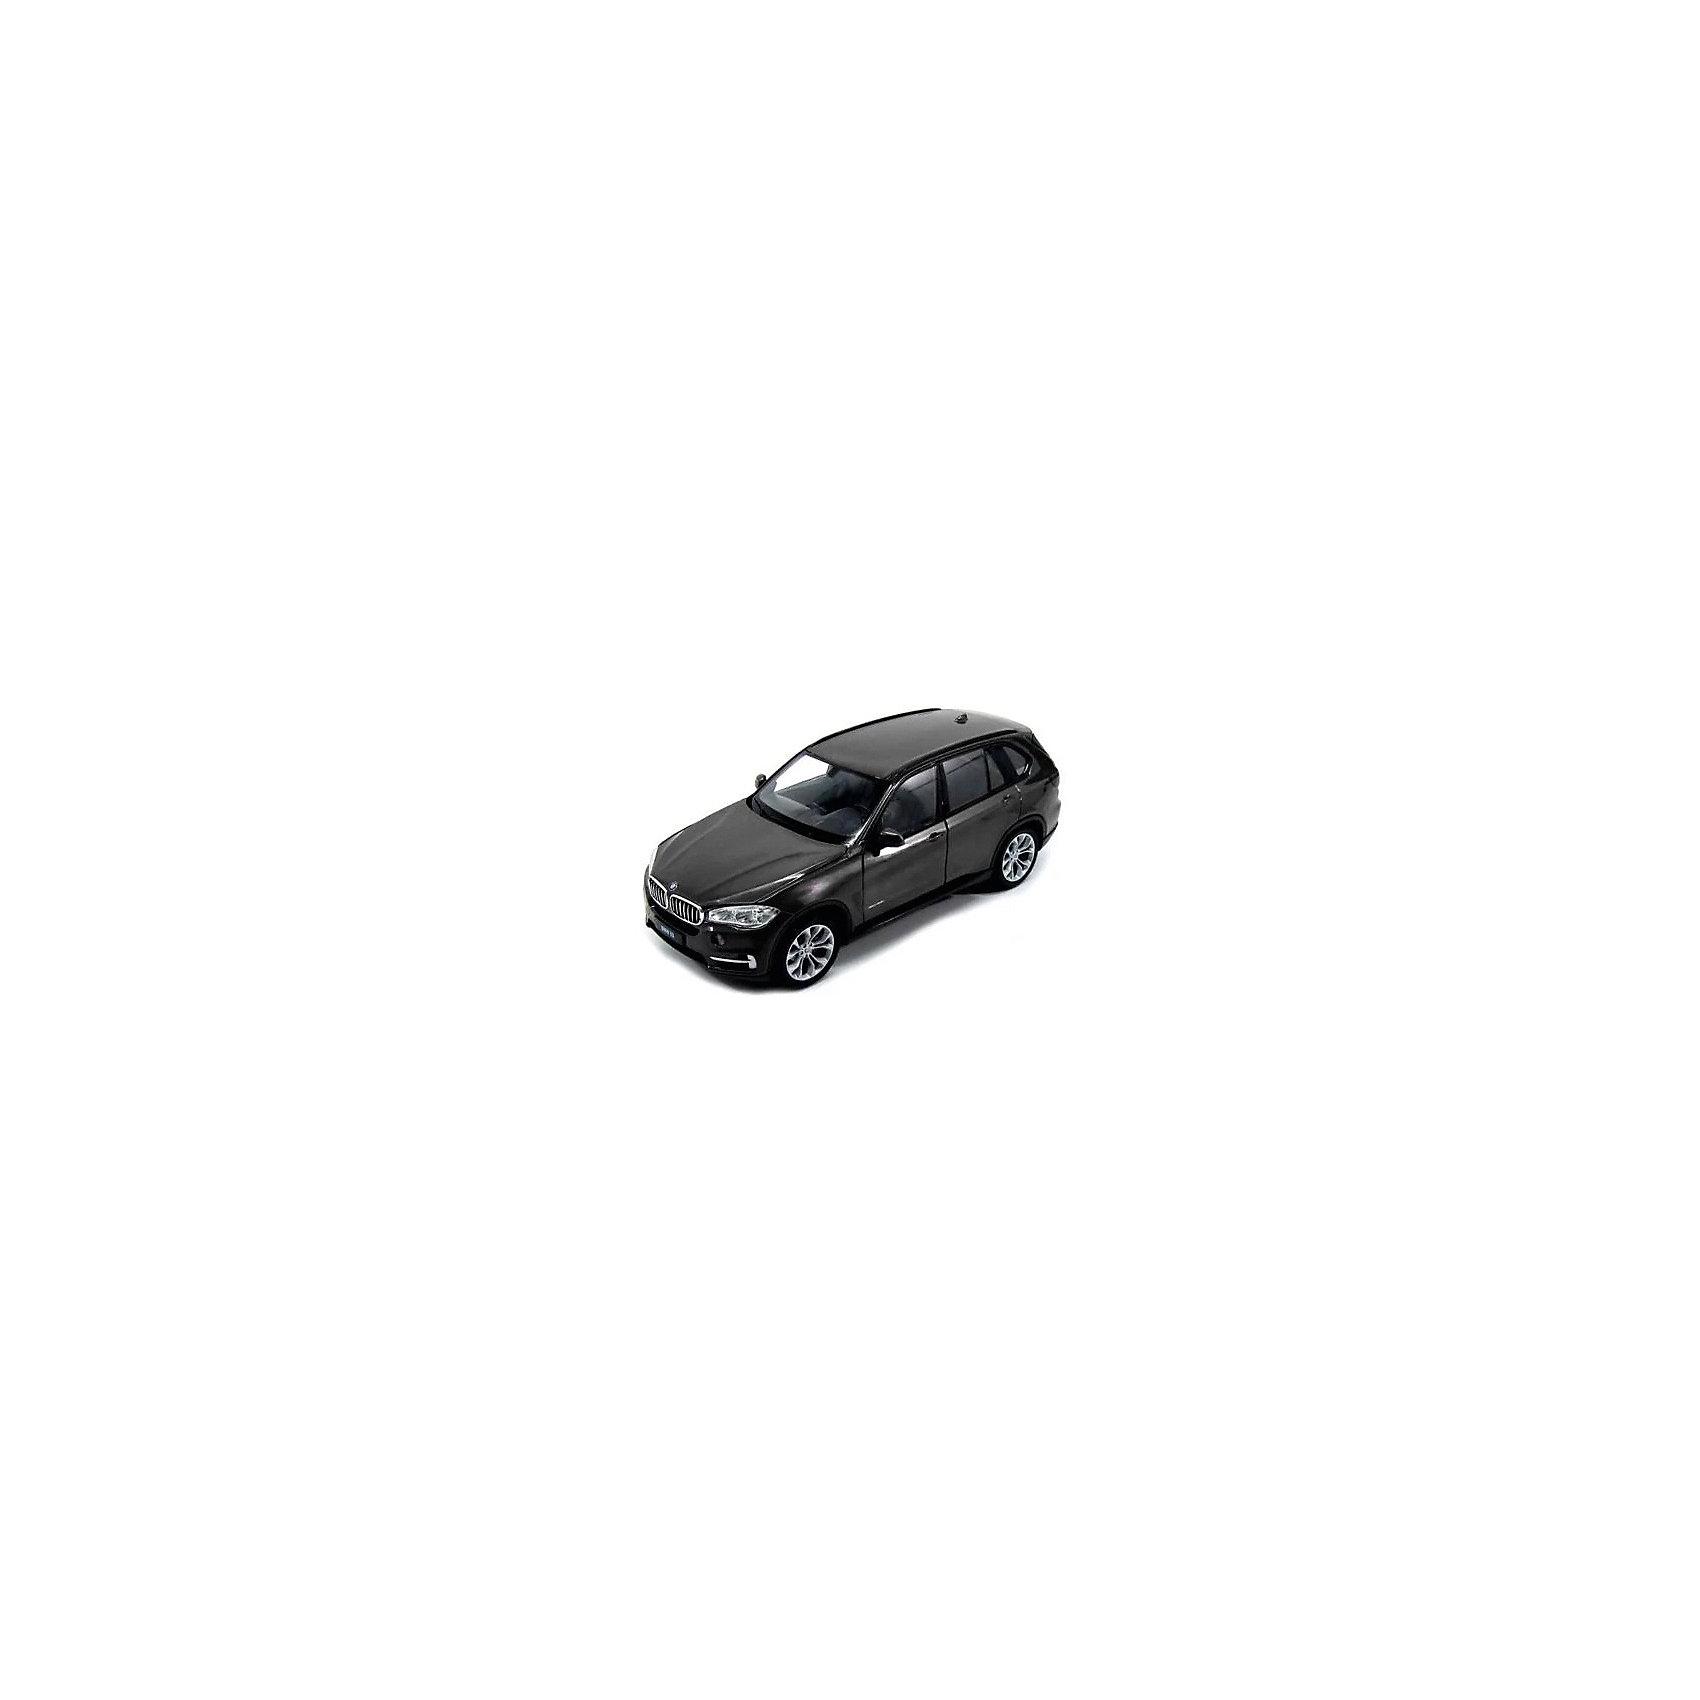 Модель машины 1:32 BMW X5, WellyКоллекционные модели<br>Коллекционная модель машины BMW X5 от Welly выполнена в точном соответствии с оригиналом. У машинки открывается капот и двери.<br>Эта модель машины создана на основе реальной модели БМВ X5, выпуск которой начался в 2013 году. Это вместительный, среднеразмерный кроссовер, способный преодолеть самые разные препятствия на дороге. Модель Welly выполнена в белом цвете, салон детализирован. Масштаб - 1:32.<br><br>Ширина мм: 80<br>Глубина мм: 80<br>Высота мм: 180<br>Вес г: 292<br>Возраст от месяцев: 36<br>Возраст до месяцев: 192<br>Пол: Мужской<br>Возраст: Детский<br>SKU: 4966502